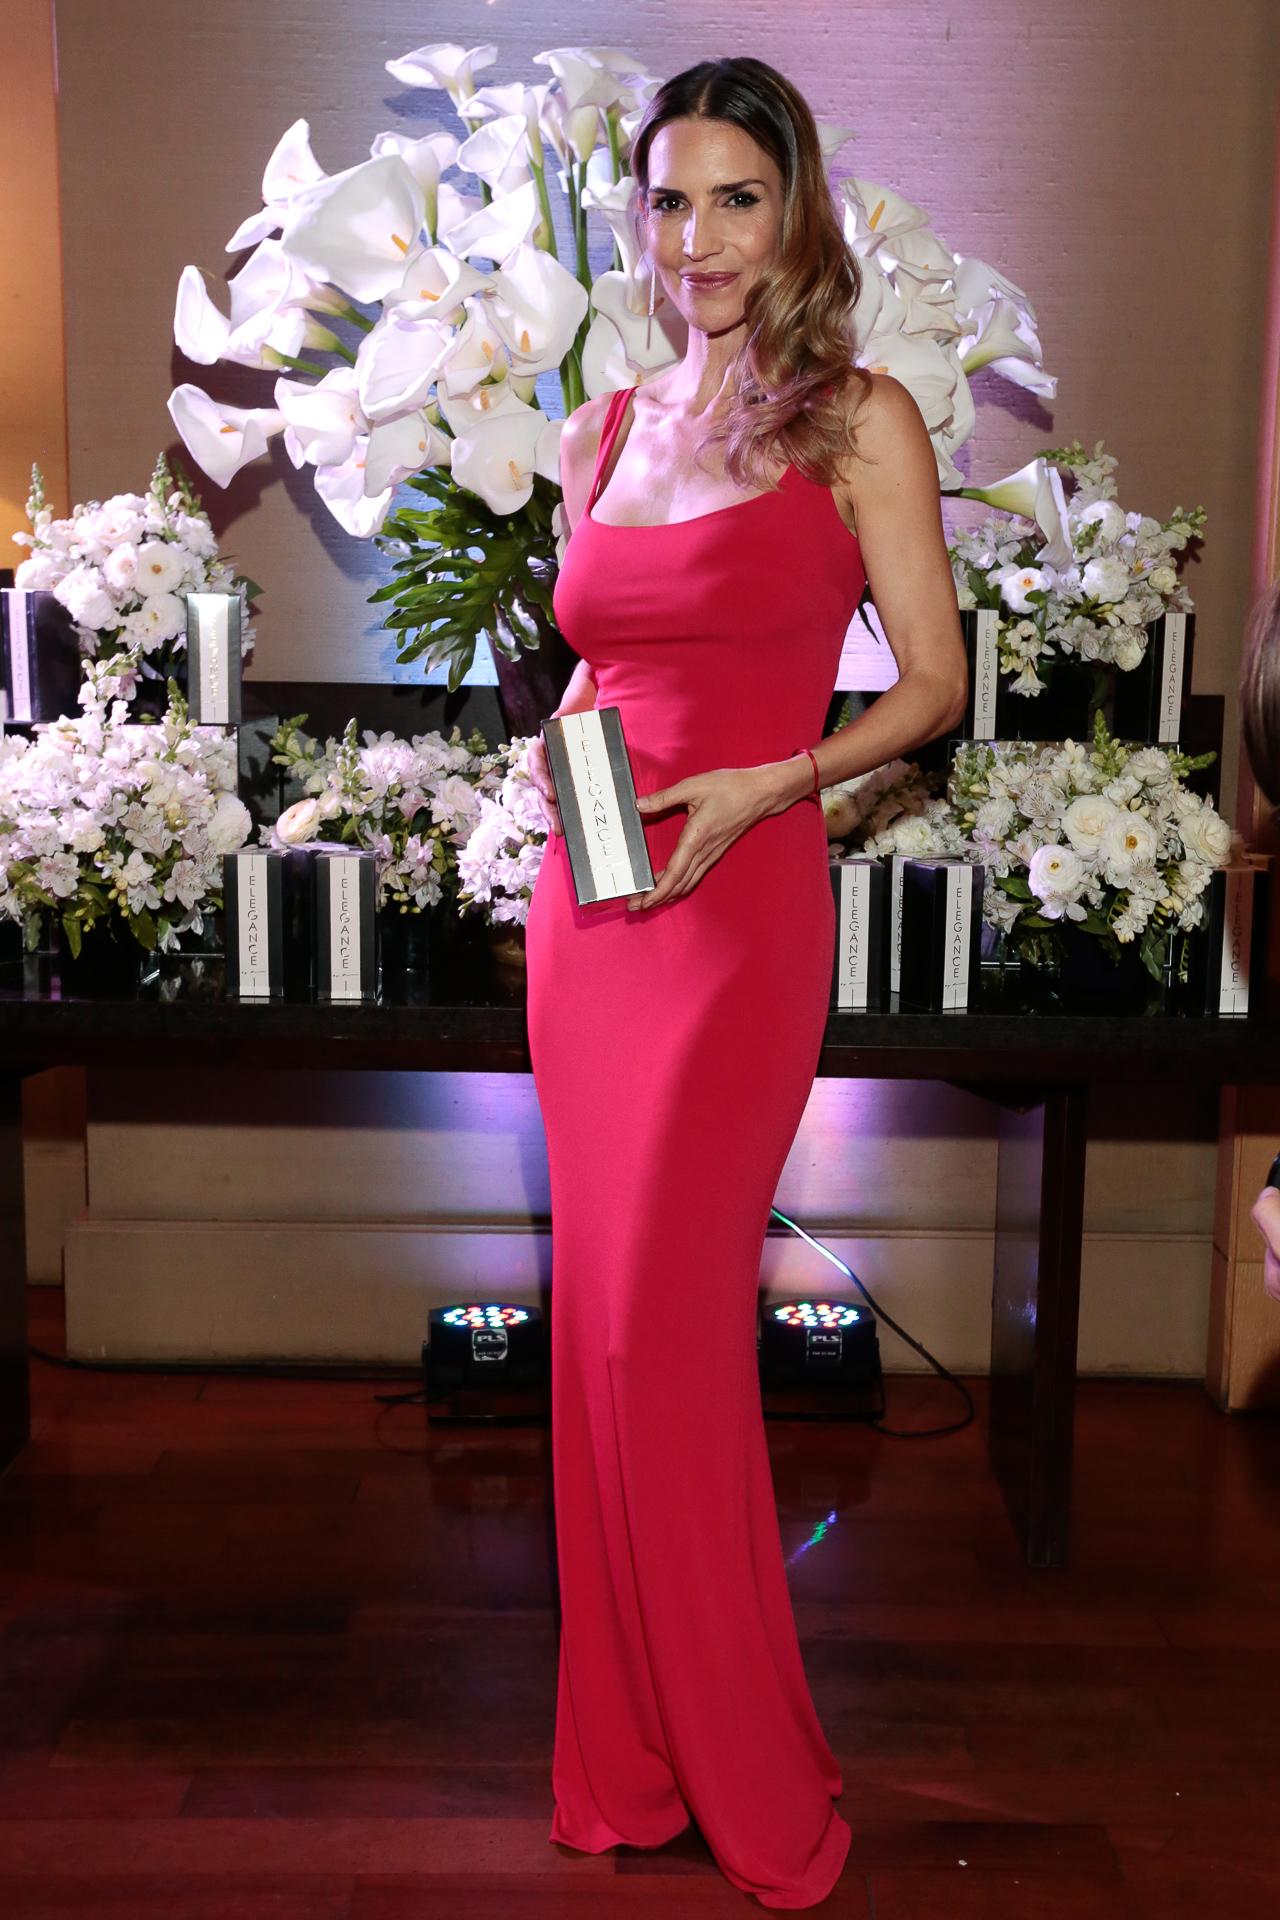 María Vázquez en la presentación de su nueva línea de fragancias, que se llevó a cabo en un exclusivo cóctel con invitados VIP